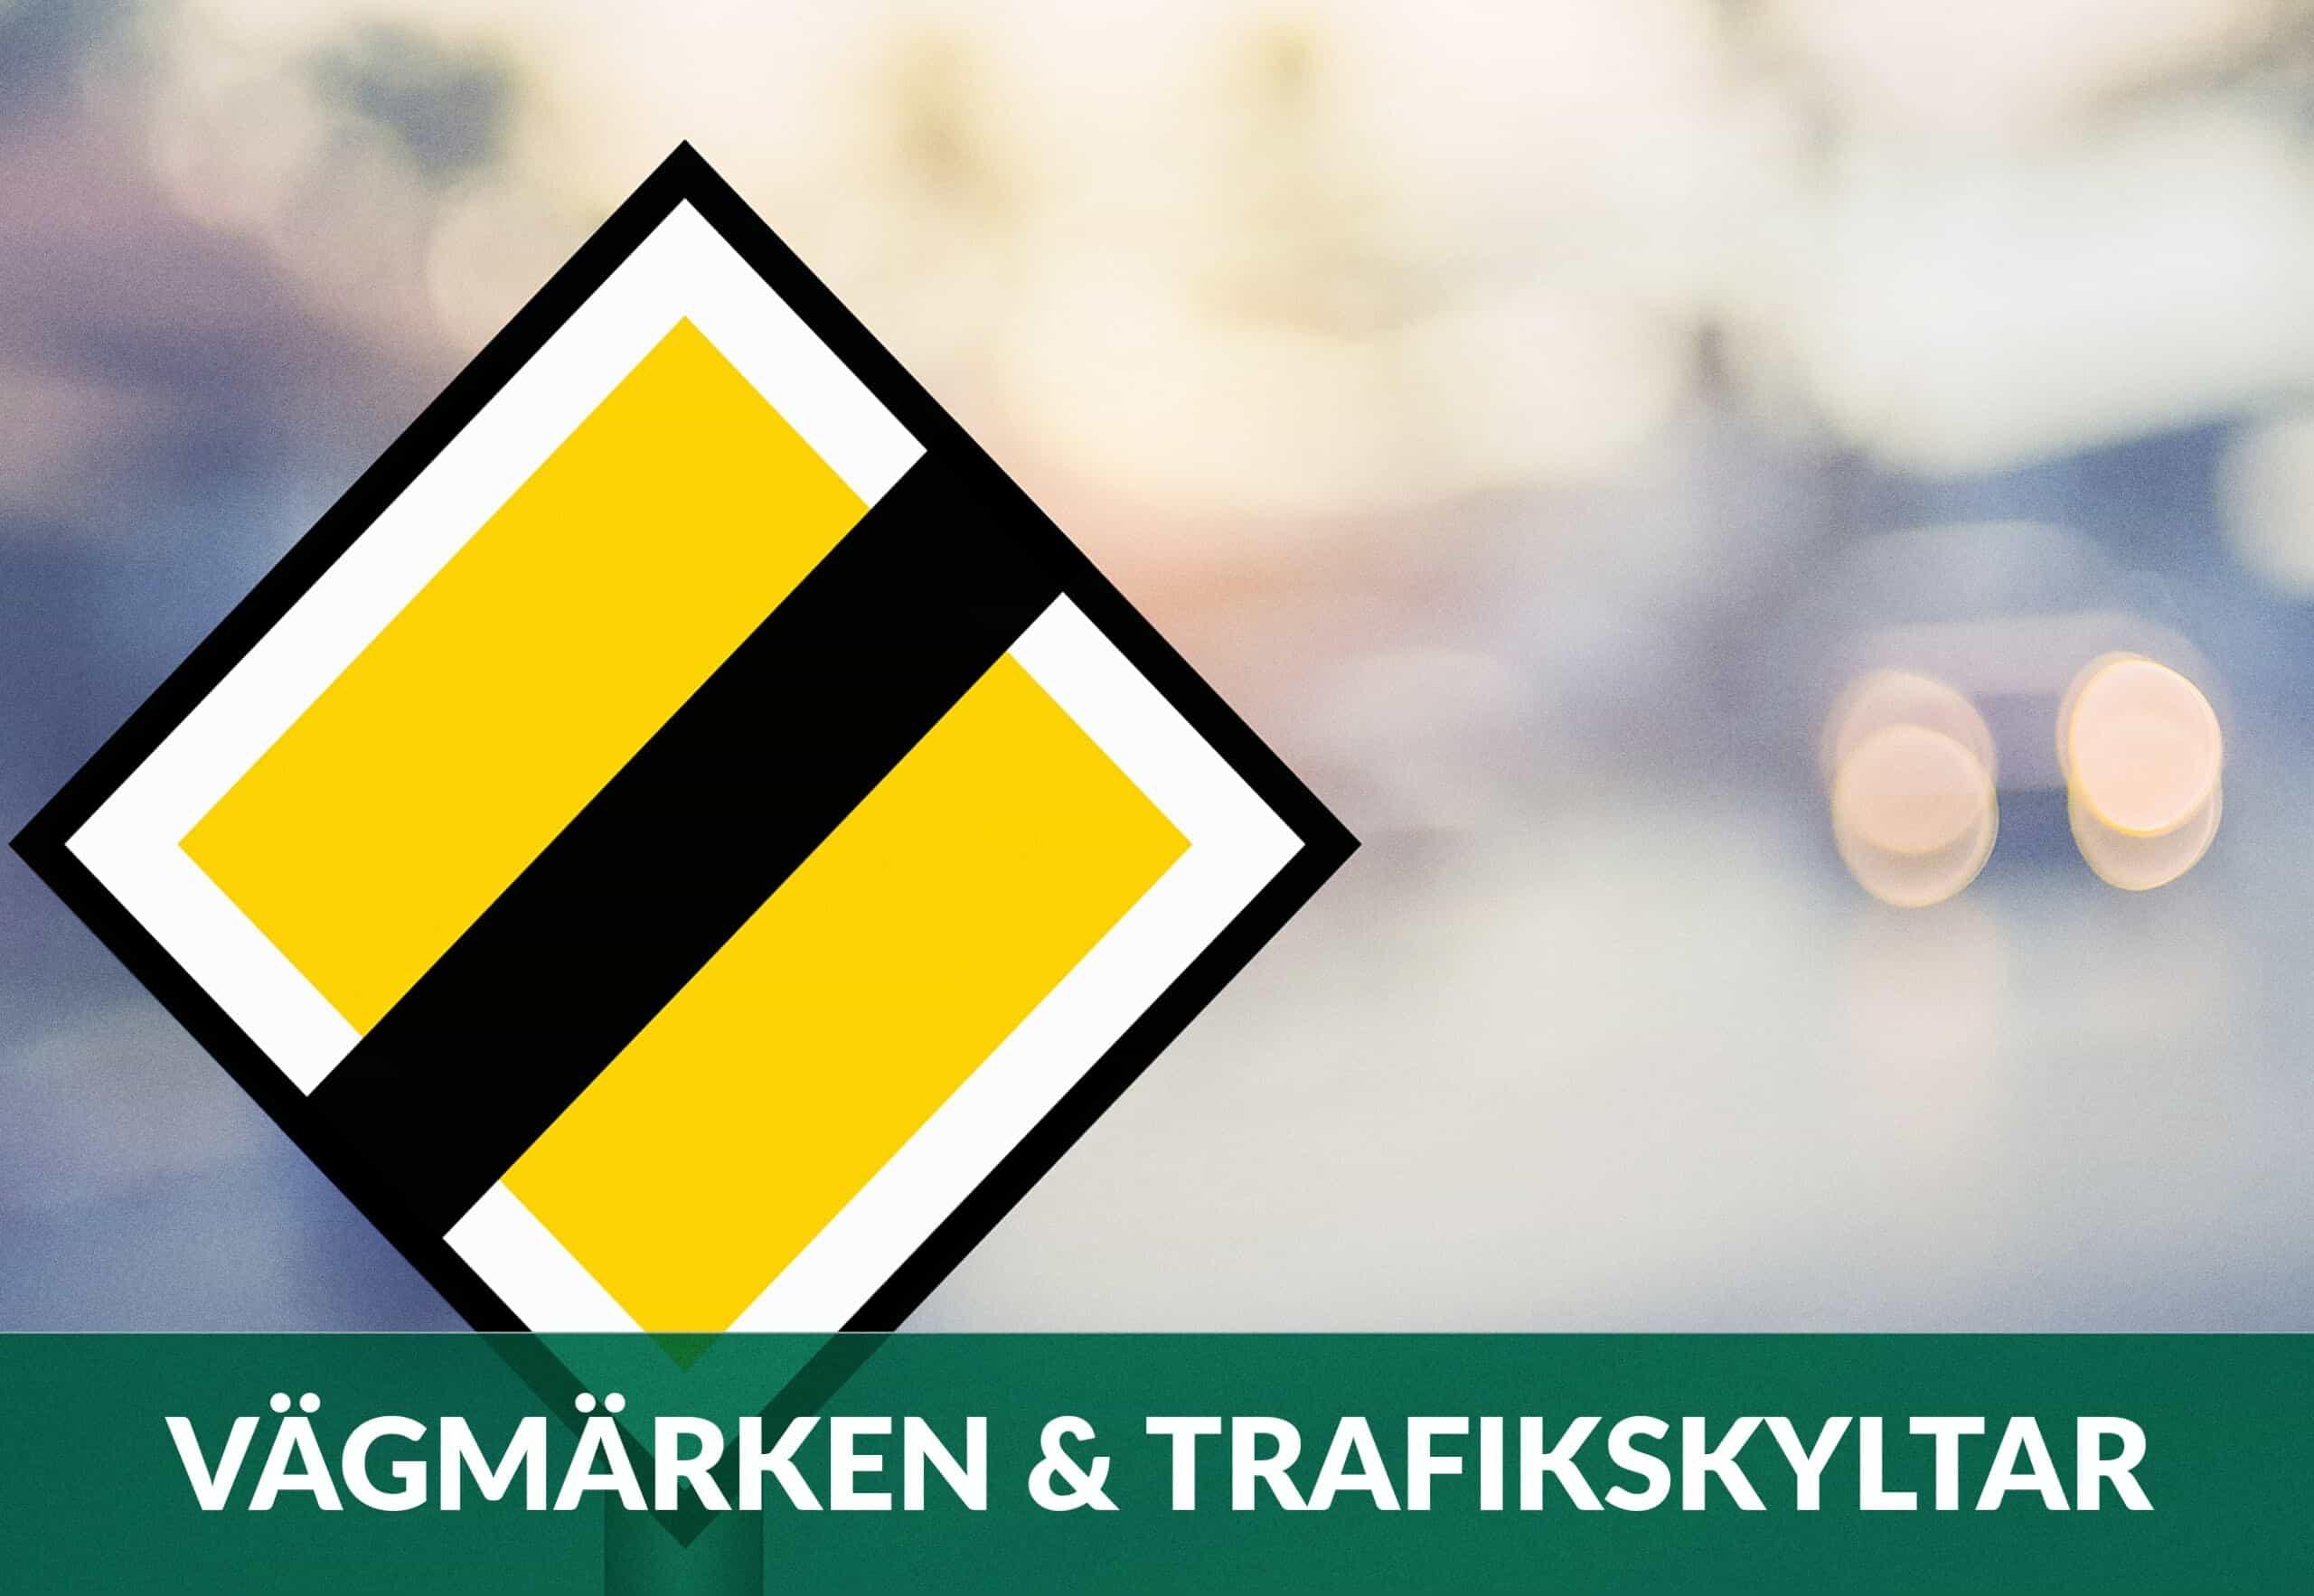 vägmärken och trafiksklytar